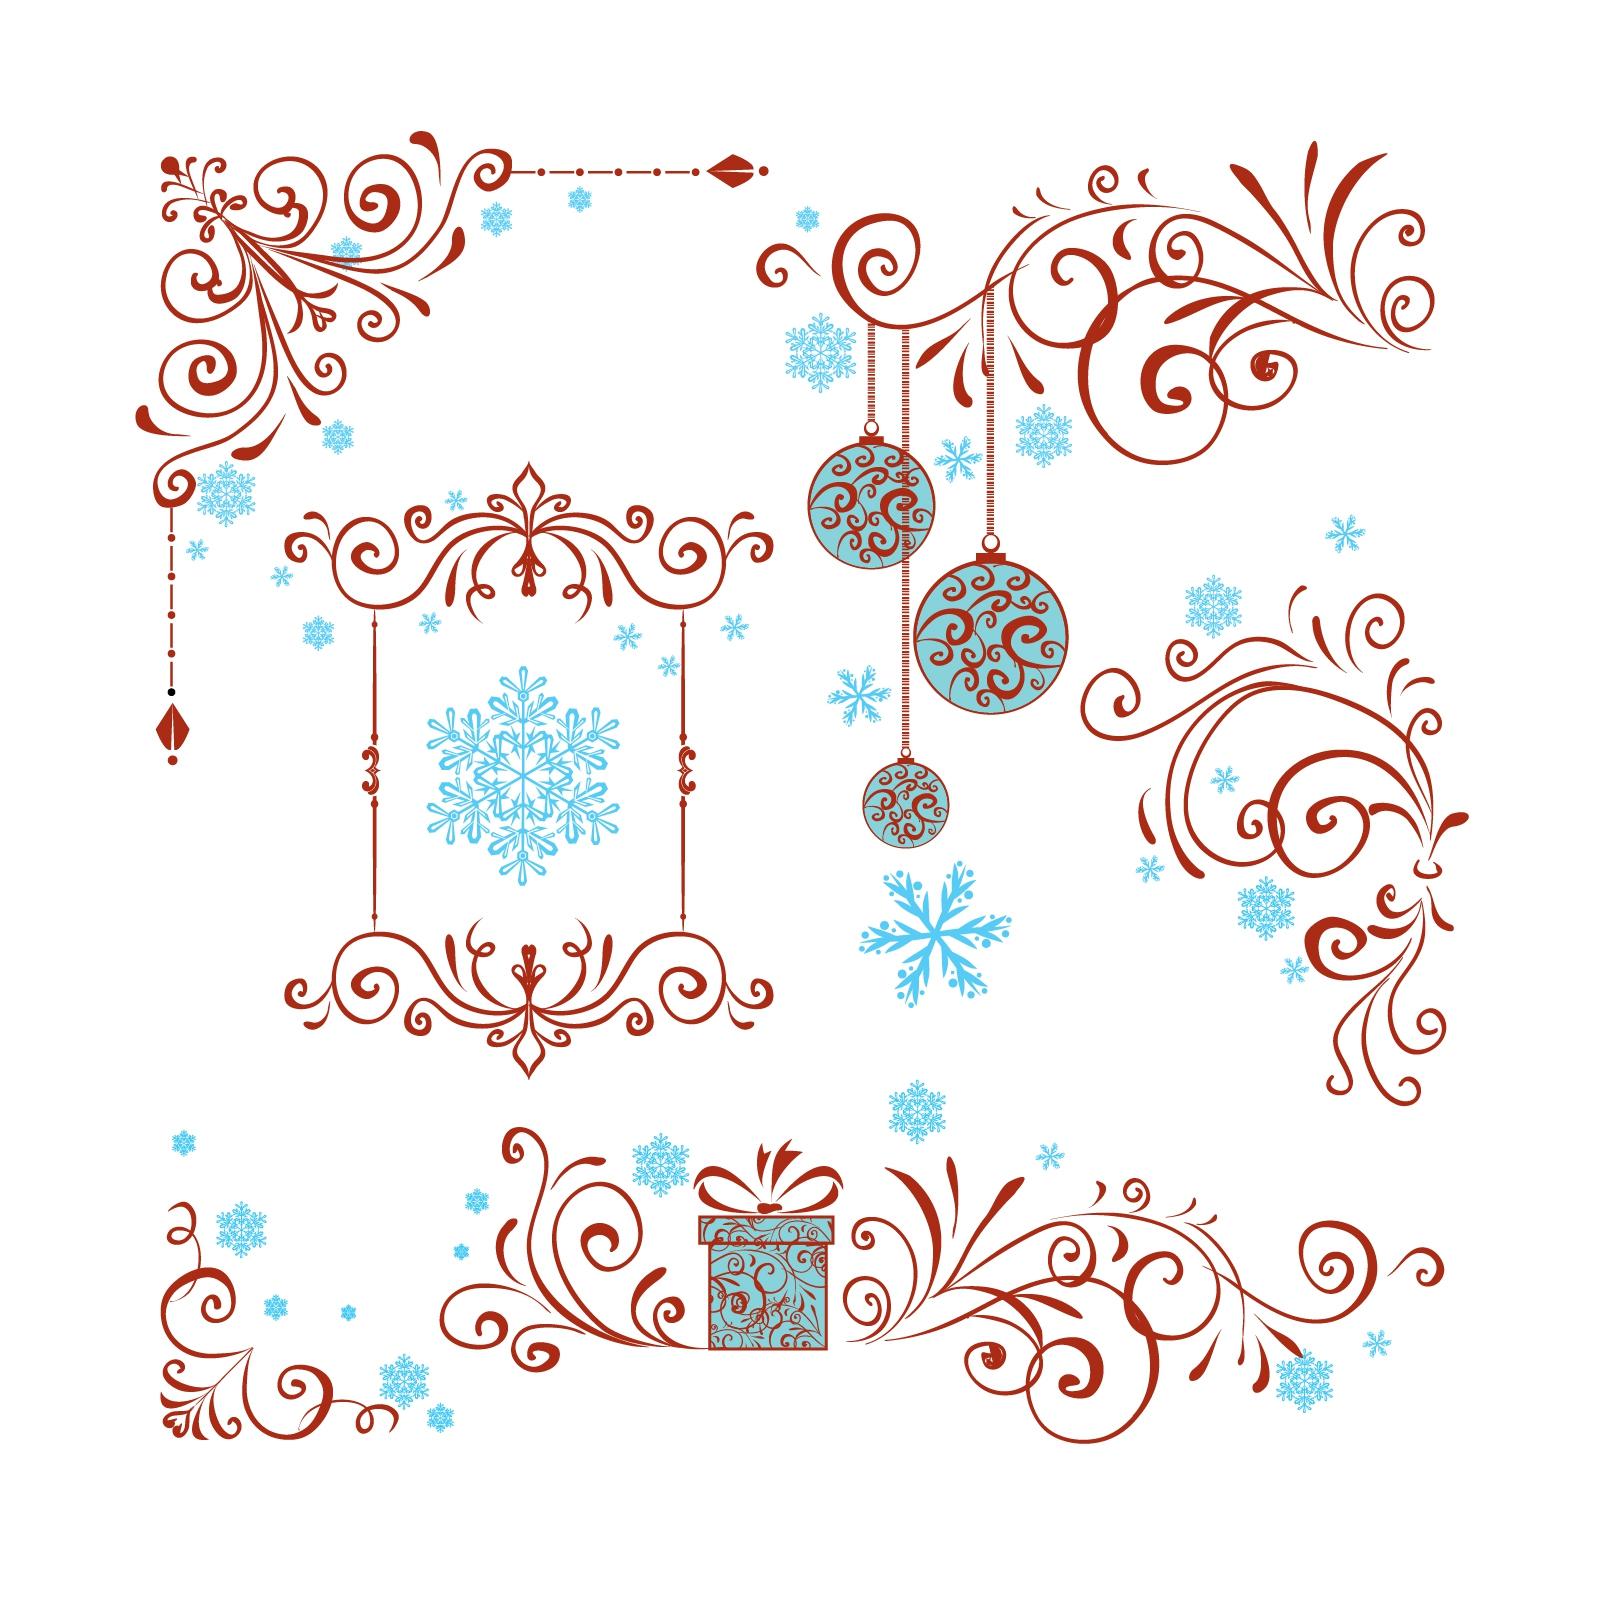 Узоры морозные для открыток, пожелания новом году